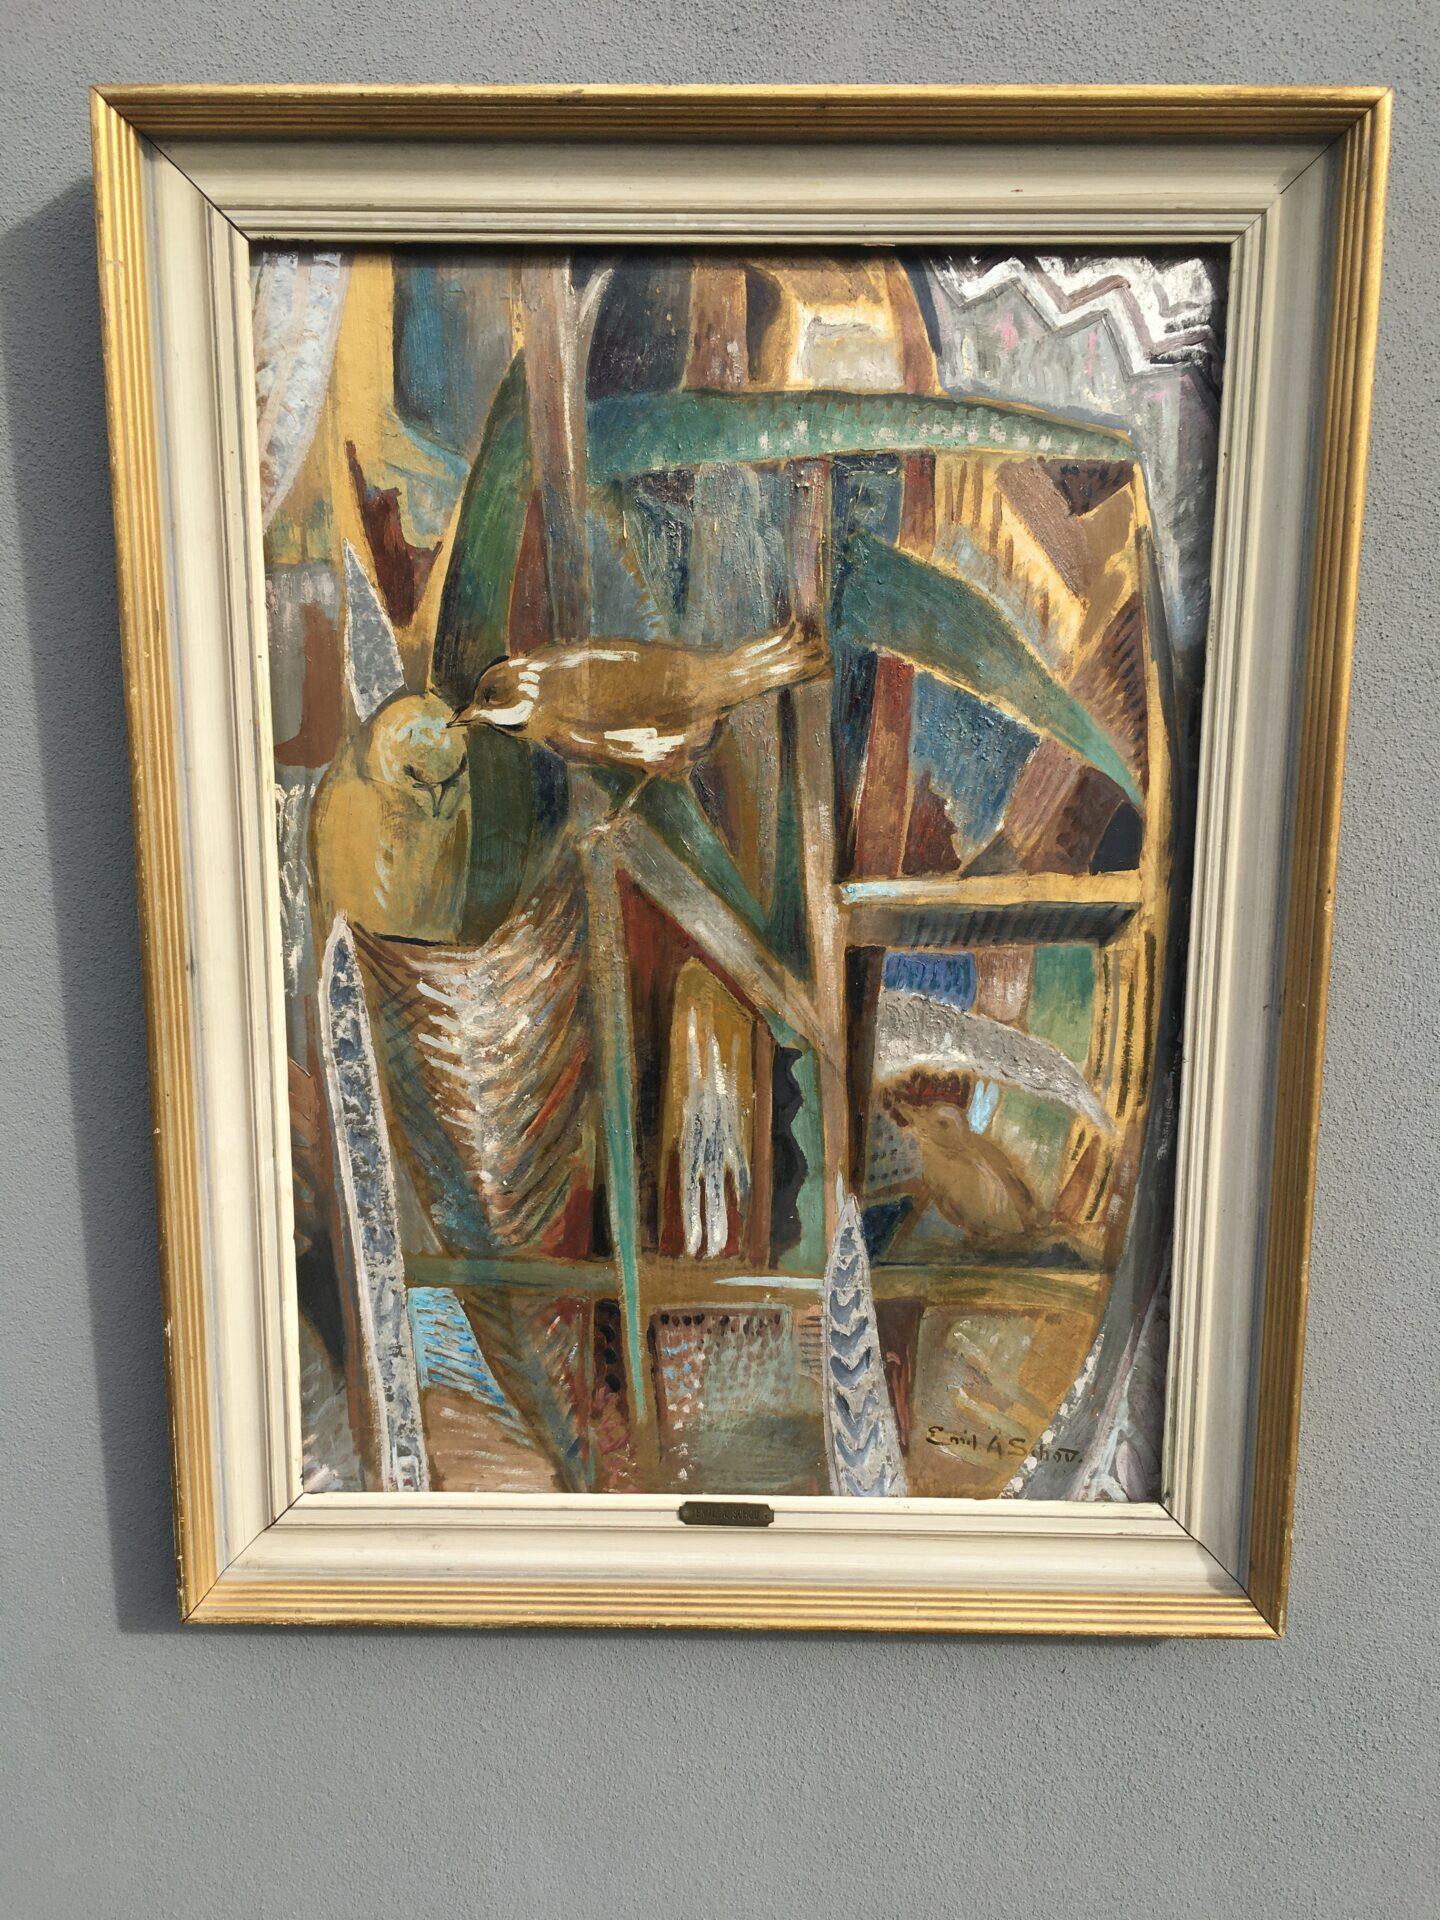 Emil A. Schou, flot maleri med fugle, malet på plade, rammemål 50x77 cm. pris 800kr